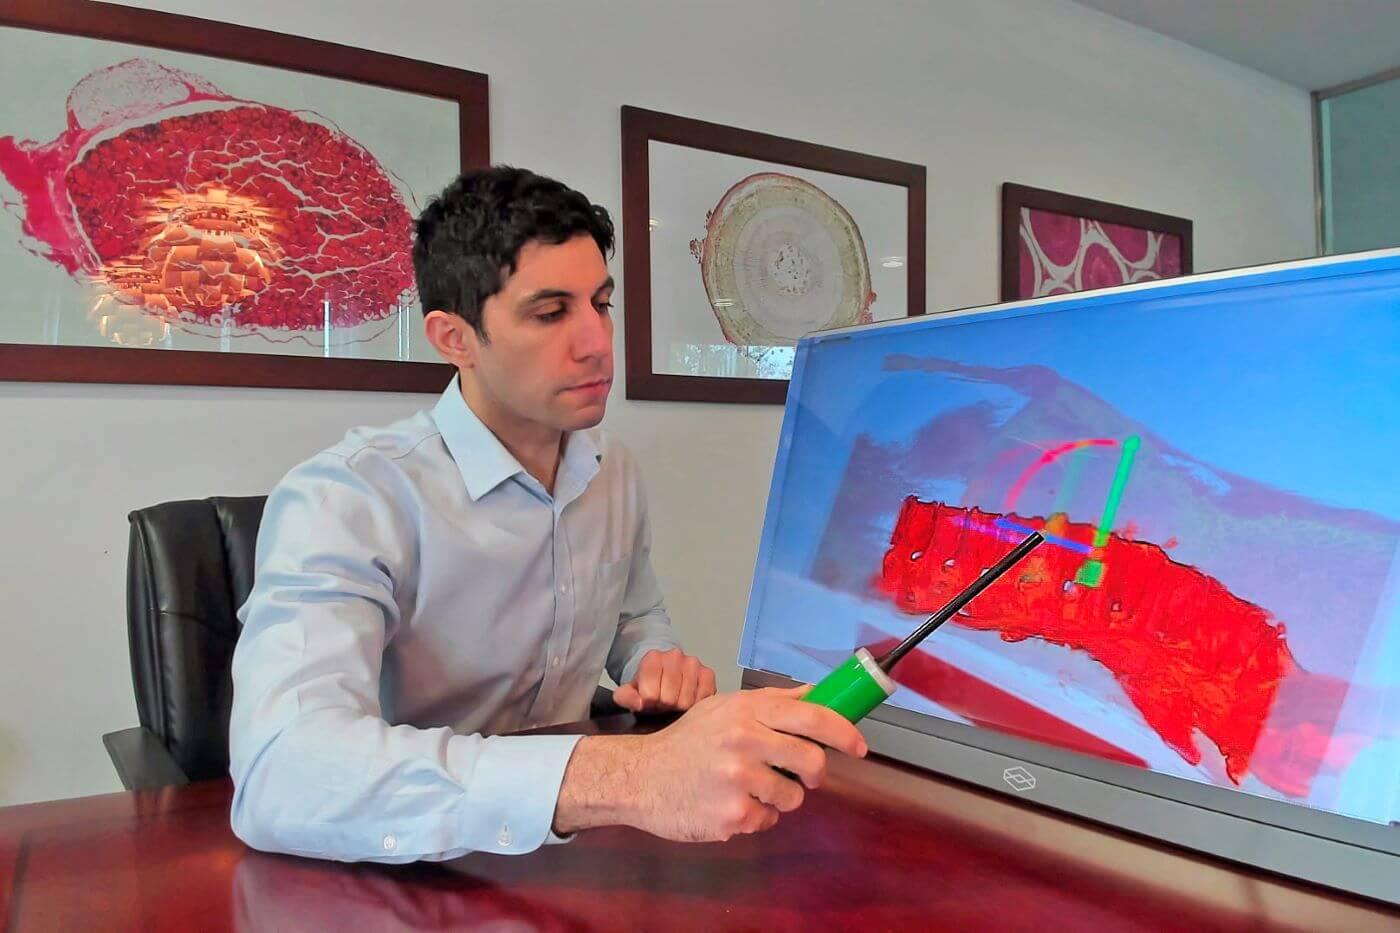 HoloMedX de Xenco Medical introduit les hologrammes dans l'enseignement de la chirurgie